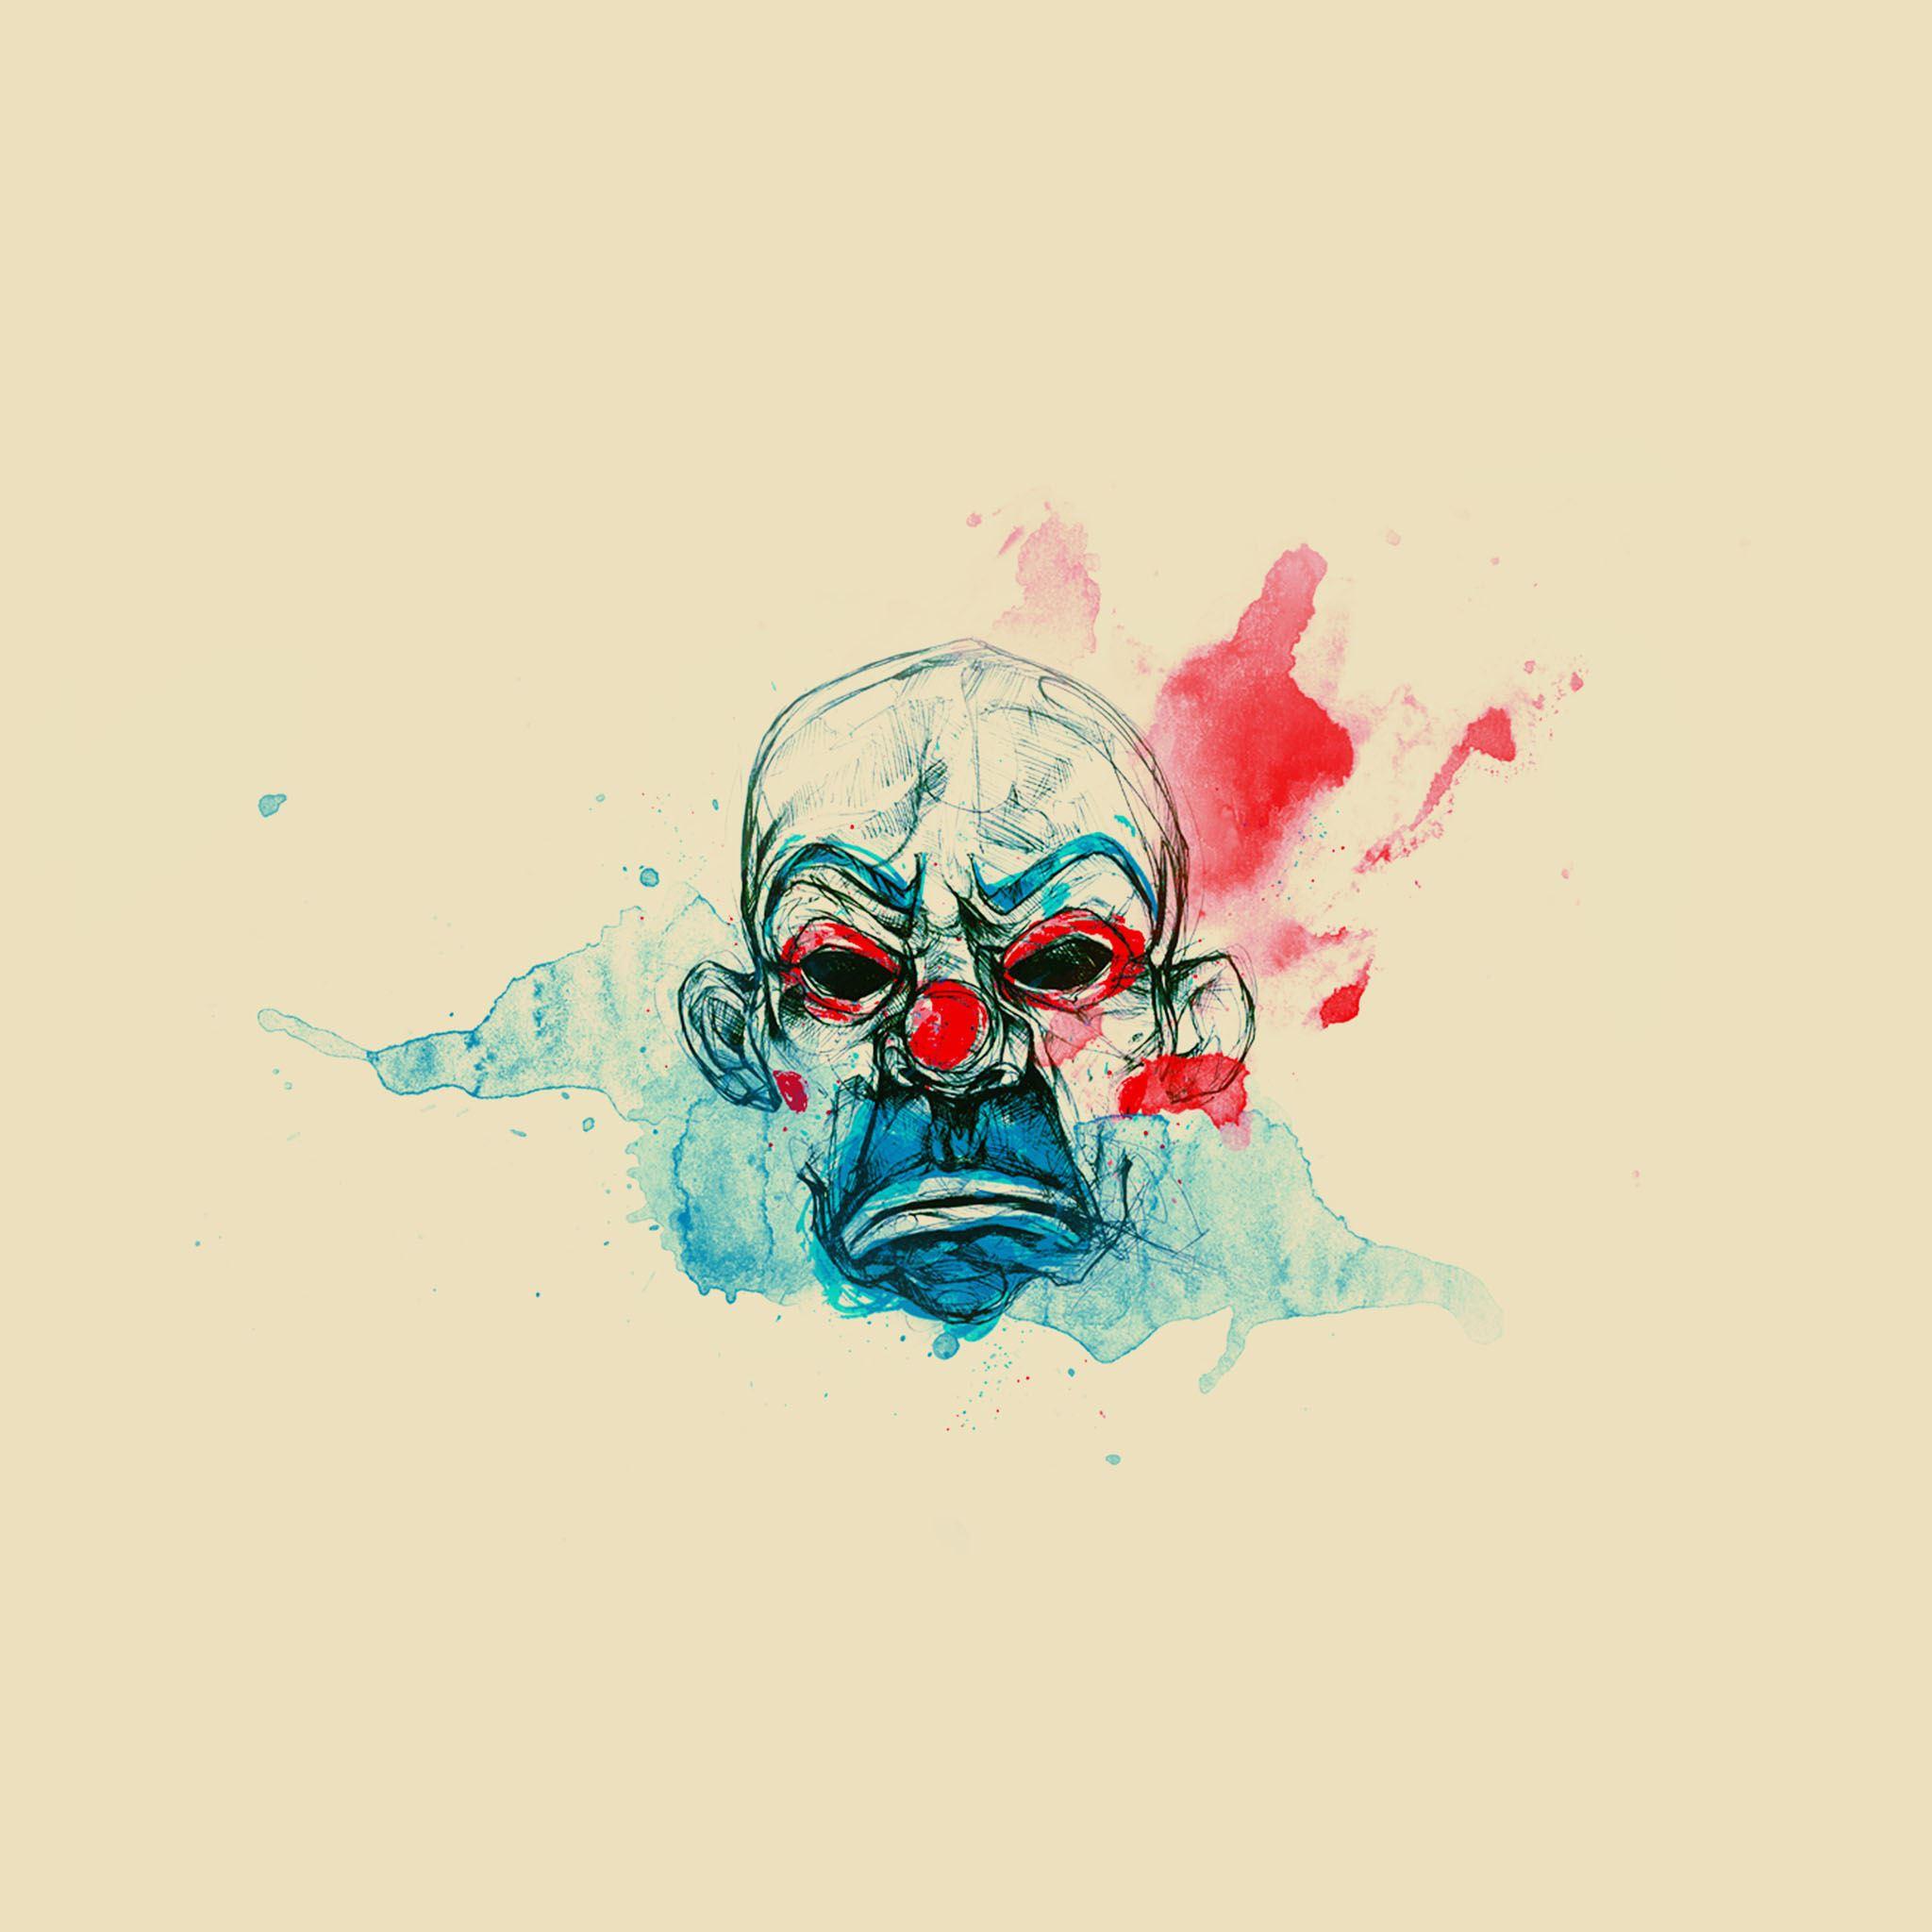 Joker Mask Wallpaper For Iphone